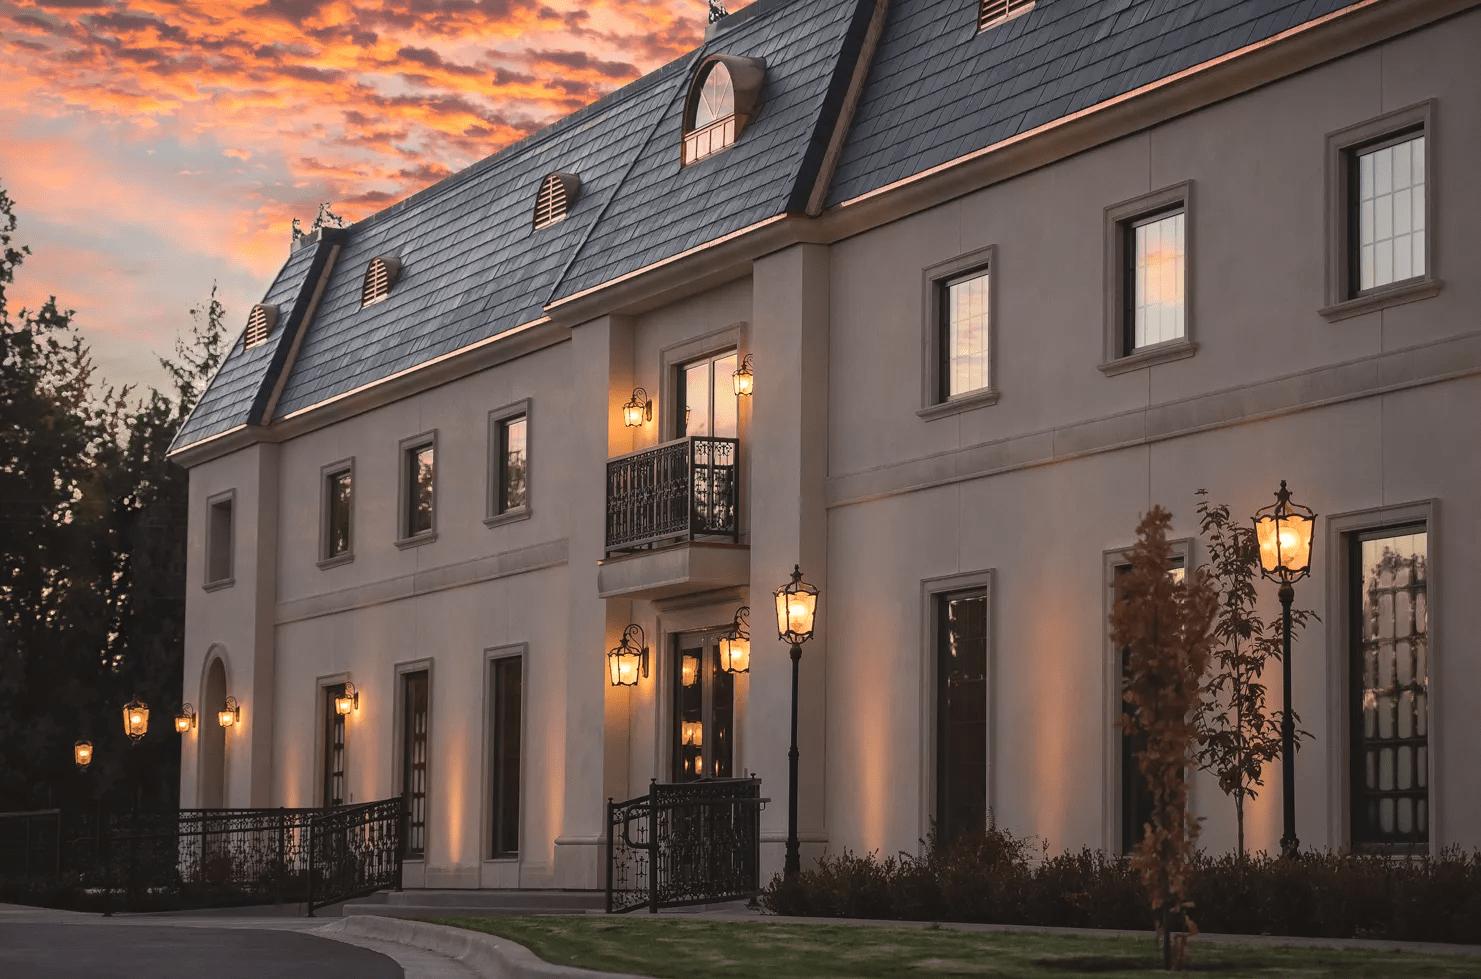 Chateau des Fleurs - Boise Event Venues